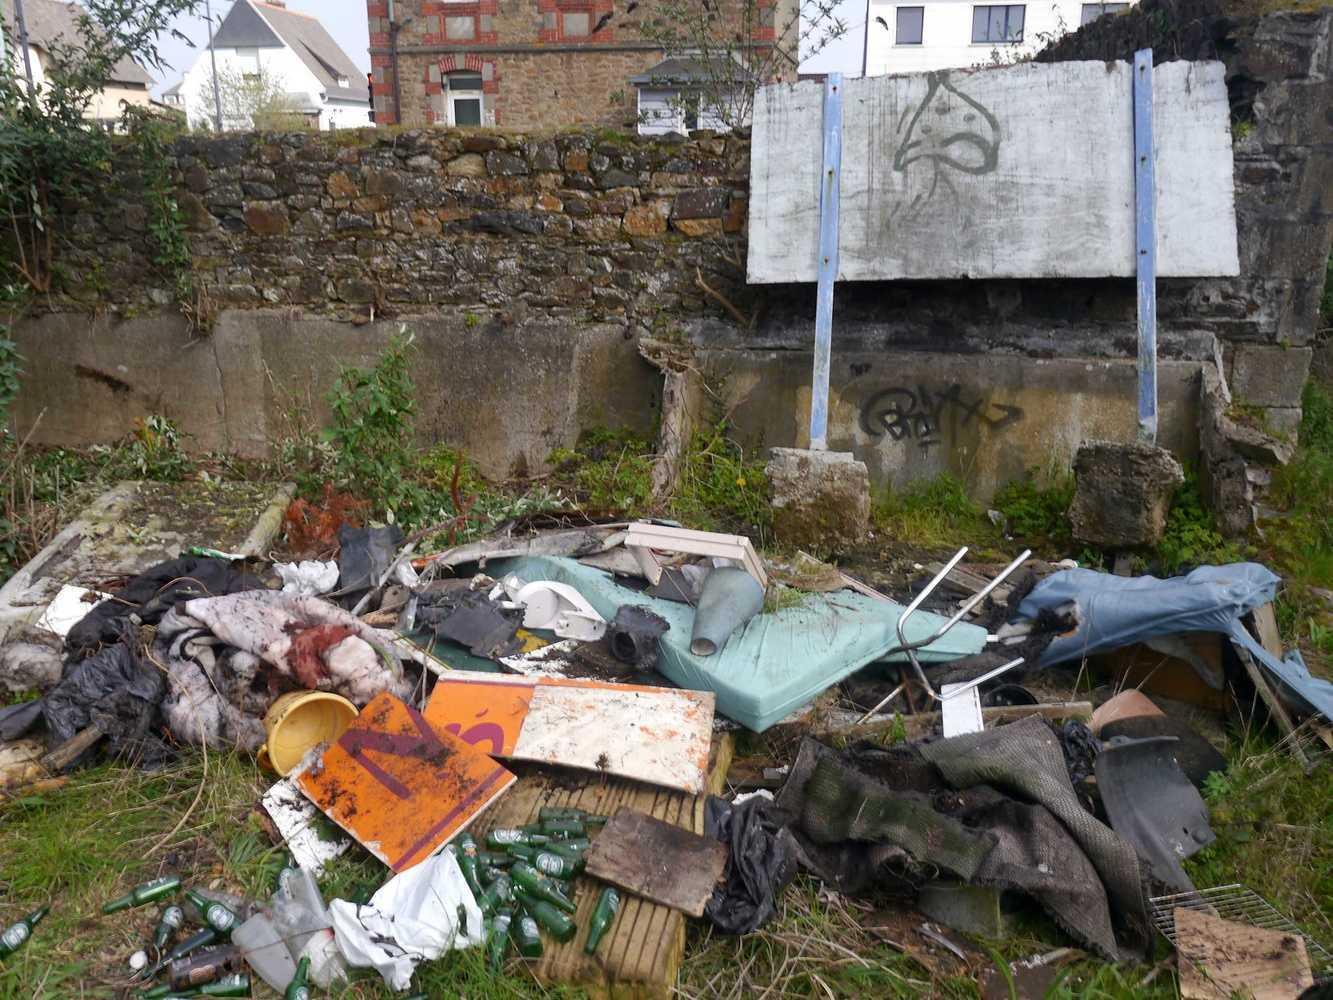 Collecte de déchets dans le quartier p1290029